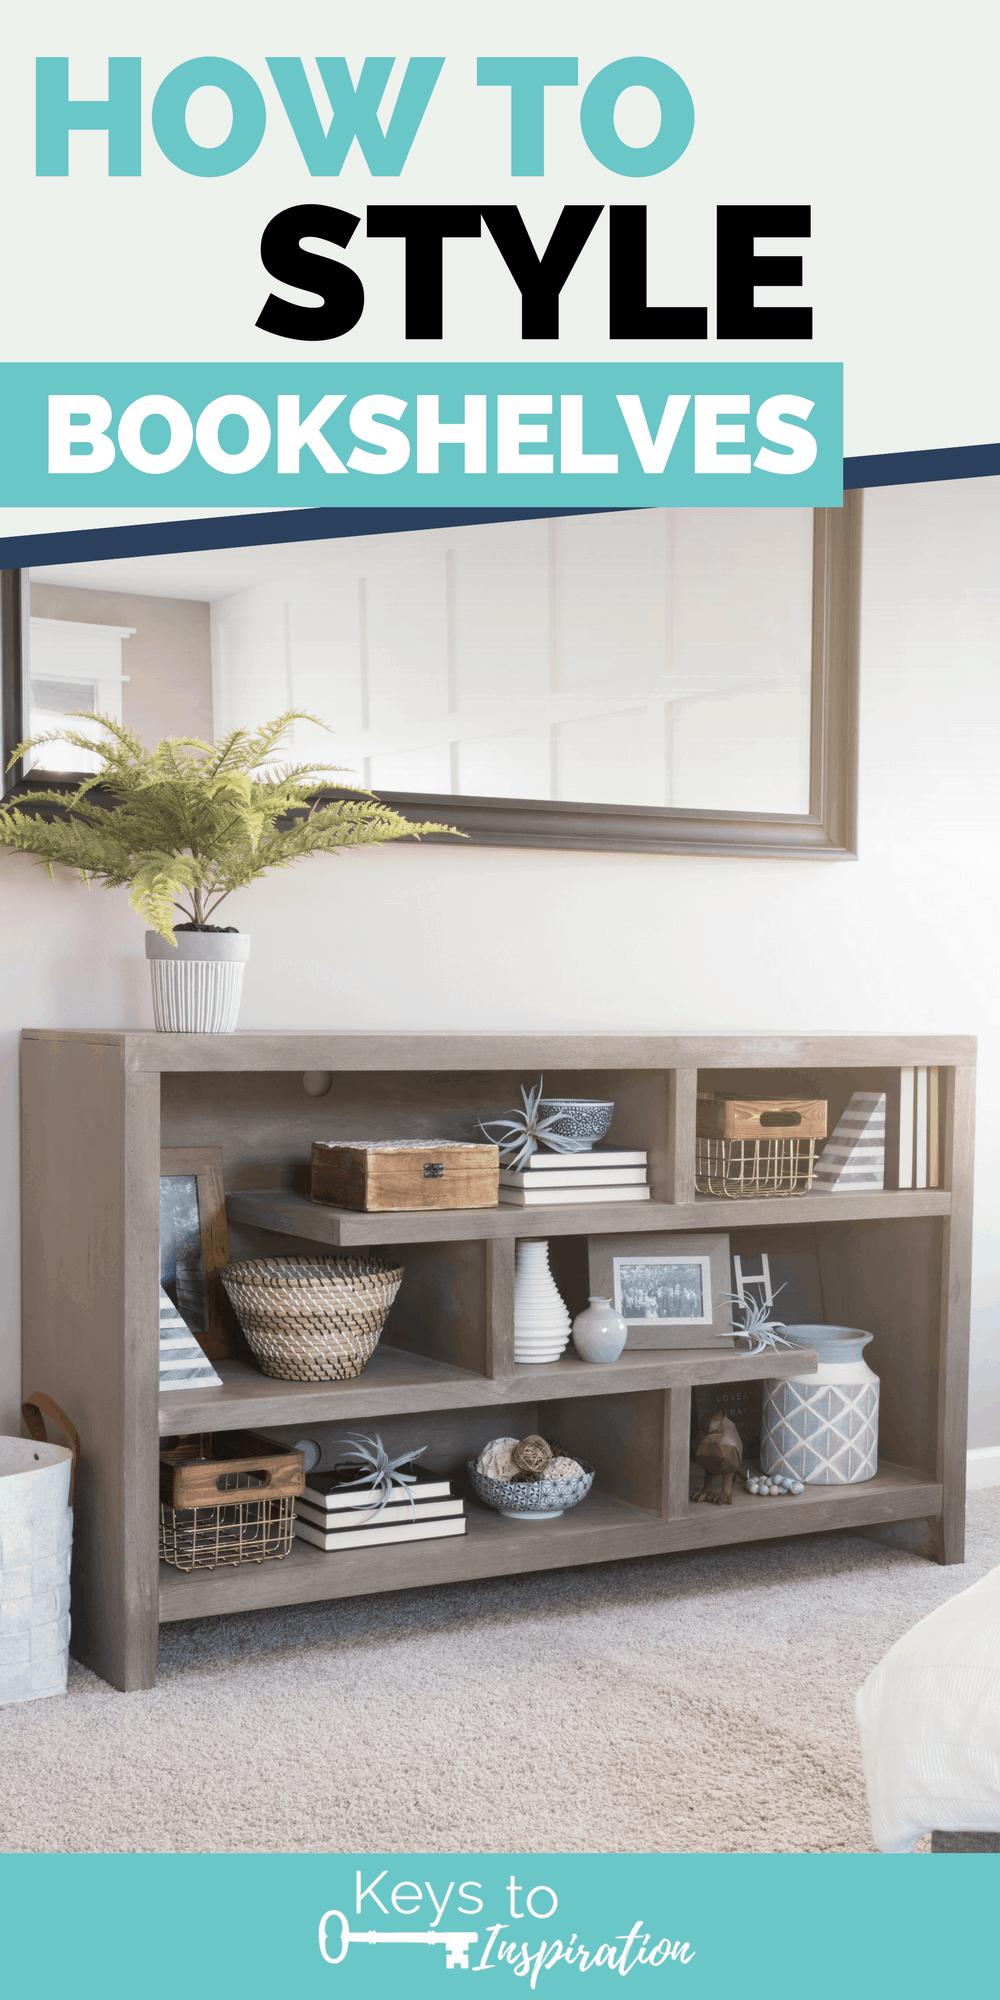 How to Style Bookshelves Keys